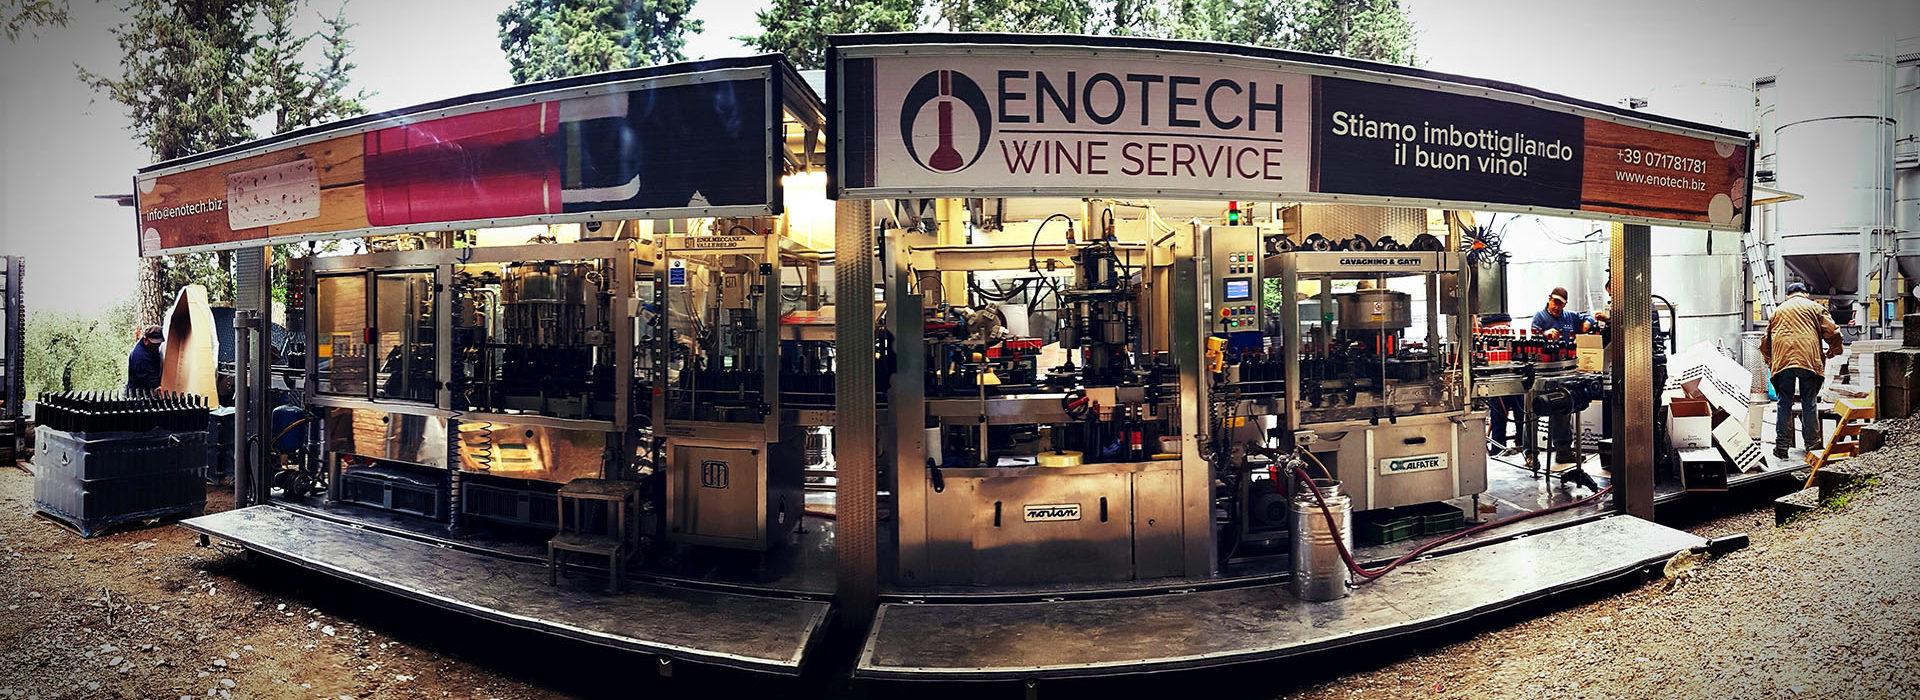 Enotech imbottigliamento mobile a domicilio